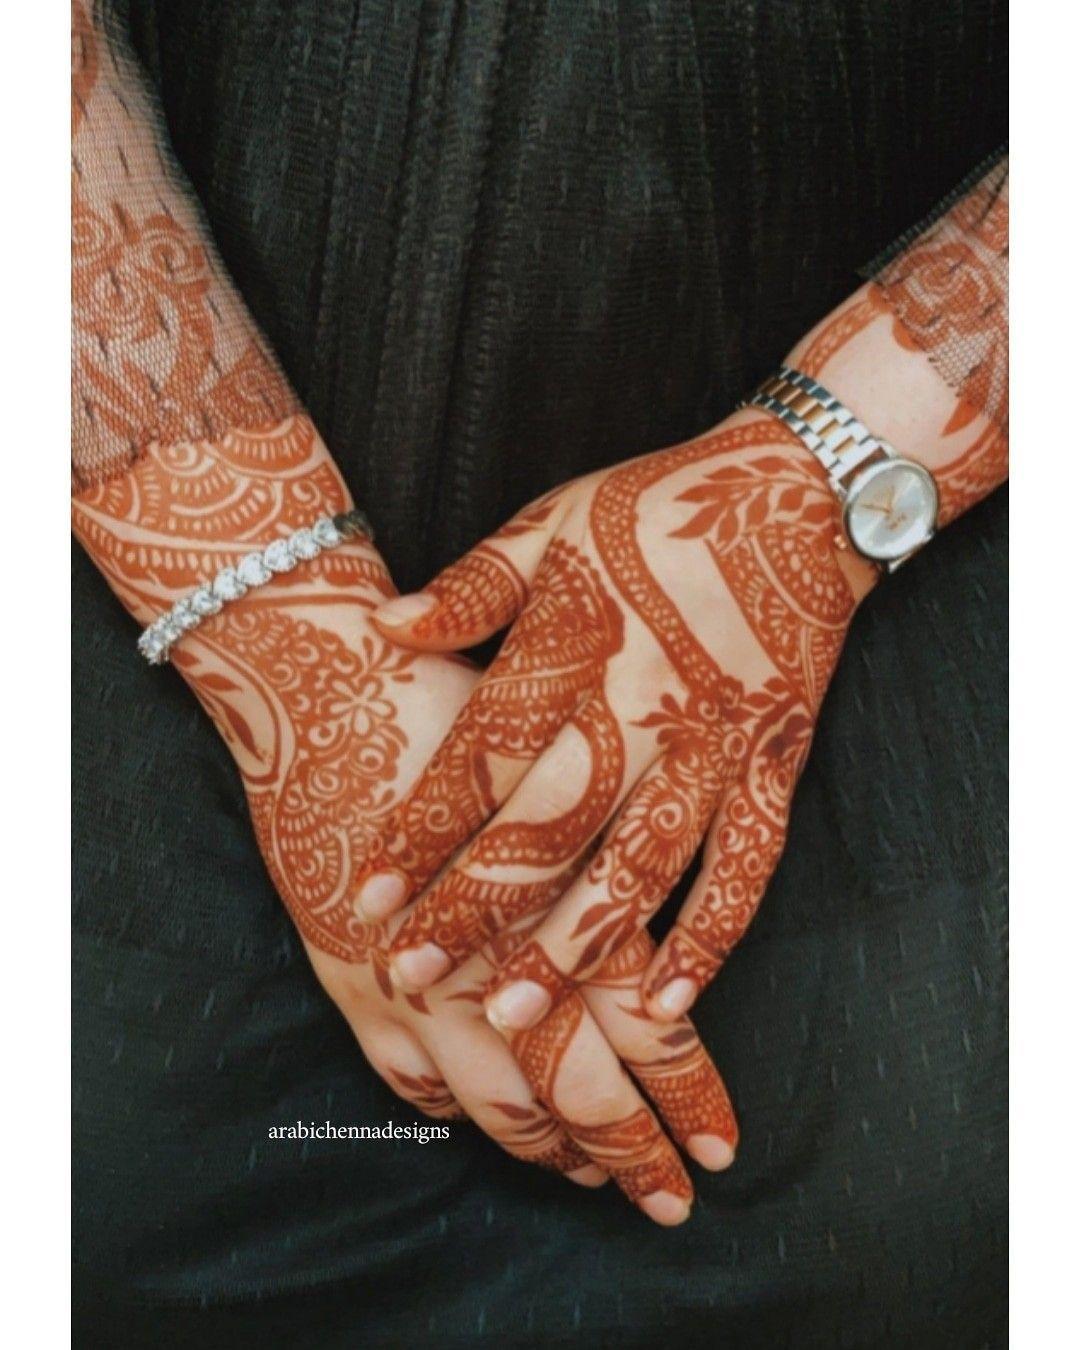 Henna artist in Dubai 0522531900 hennapen henna